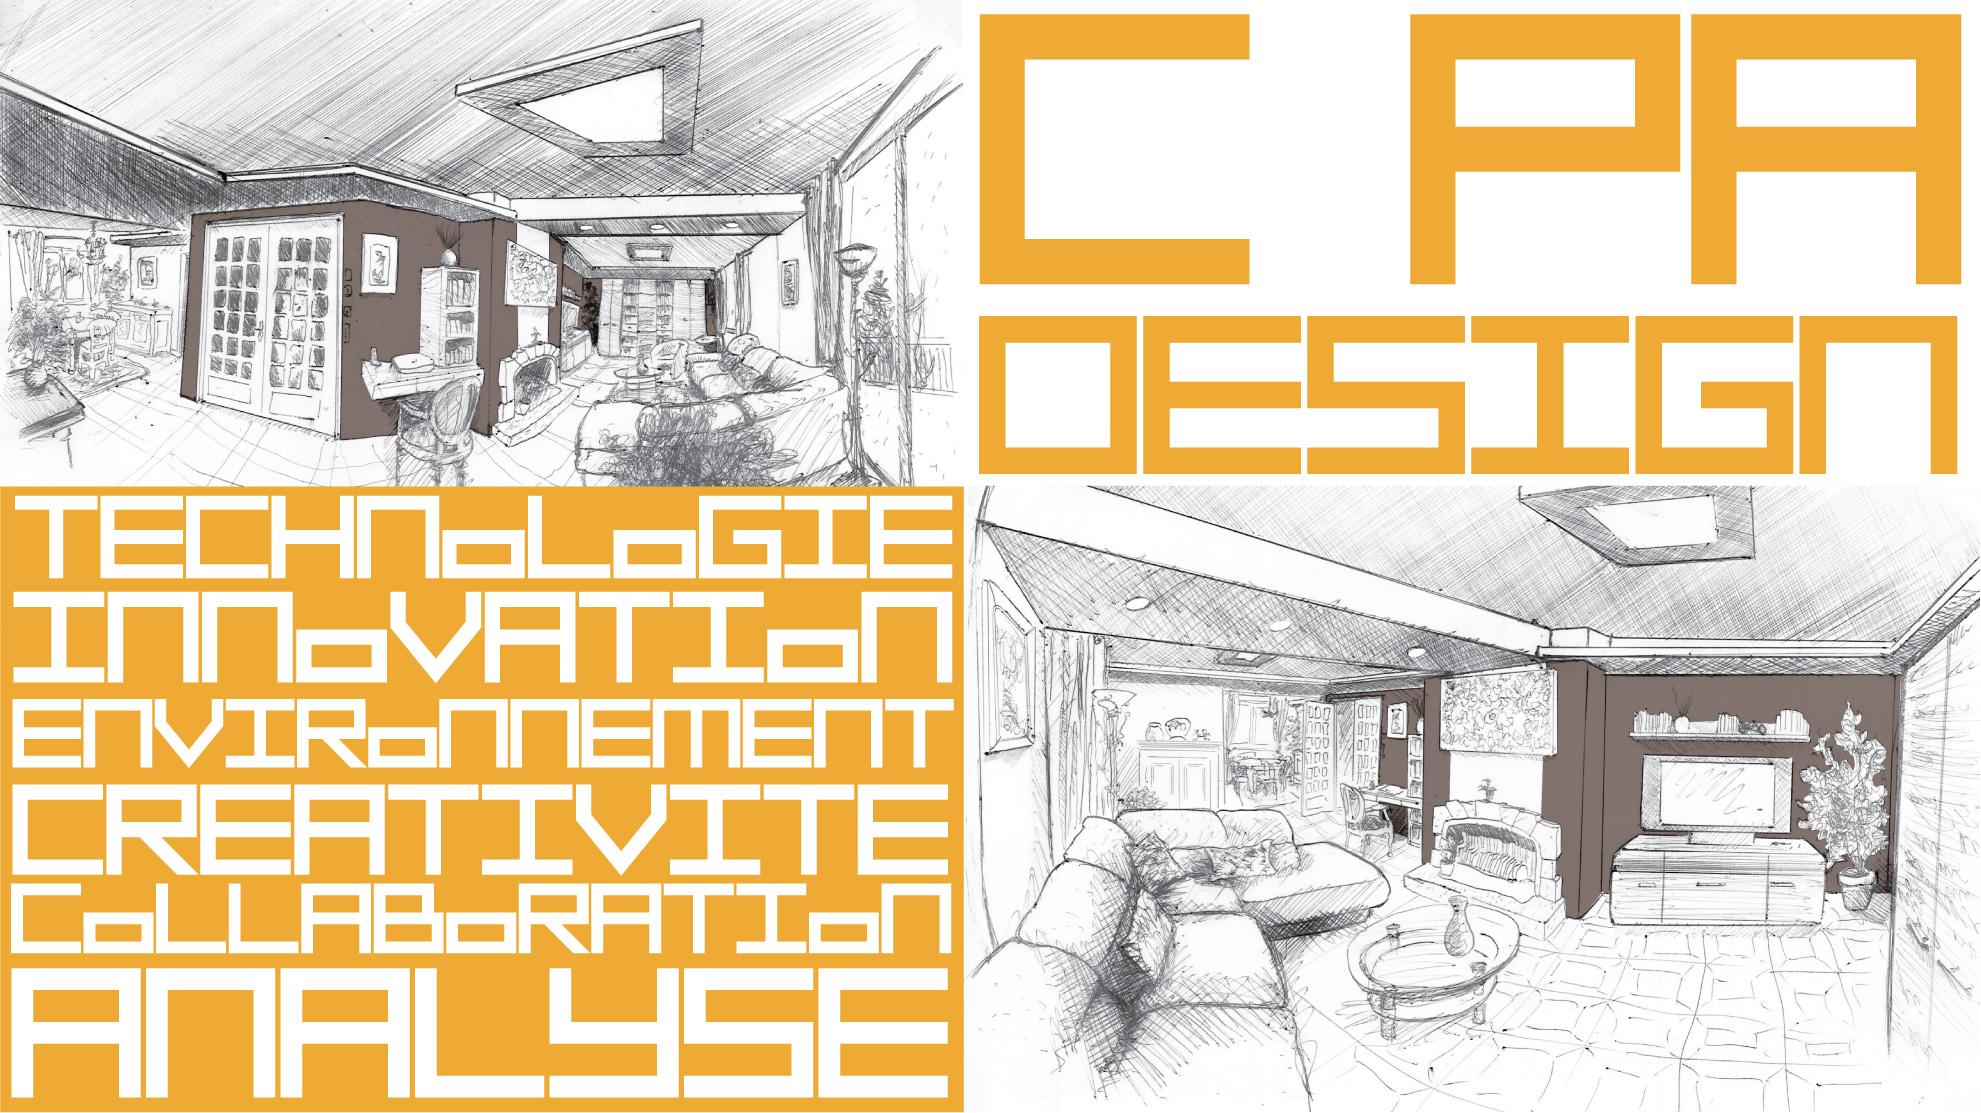 c_pa_design_interieur-architecture-permis-de-contruire_mobilier-transport-serie_innovation_relation_ecoute_unique_realisation_conception_prototype_realisation-projet-1